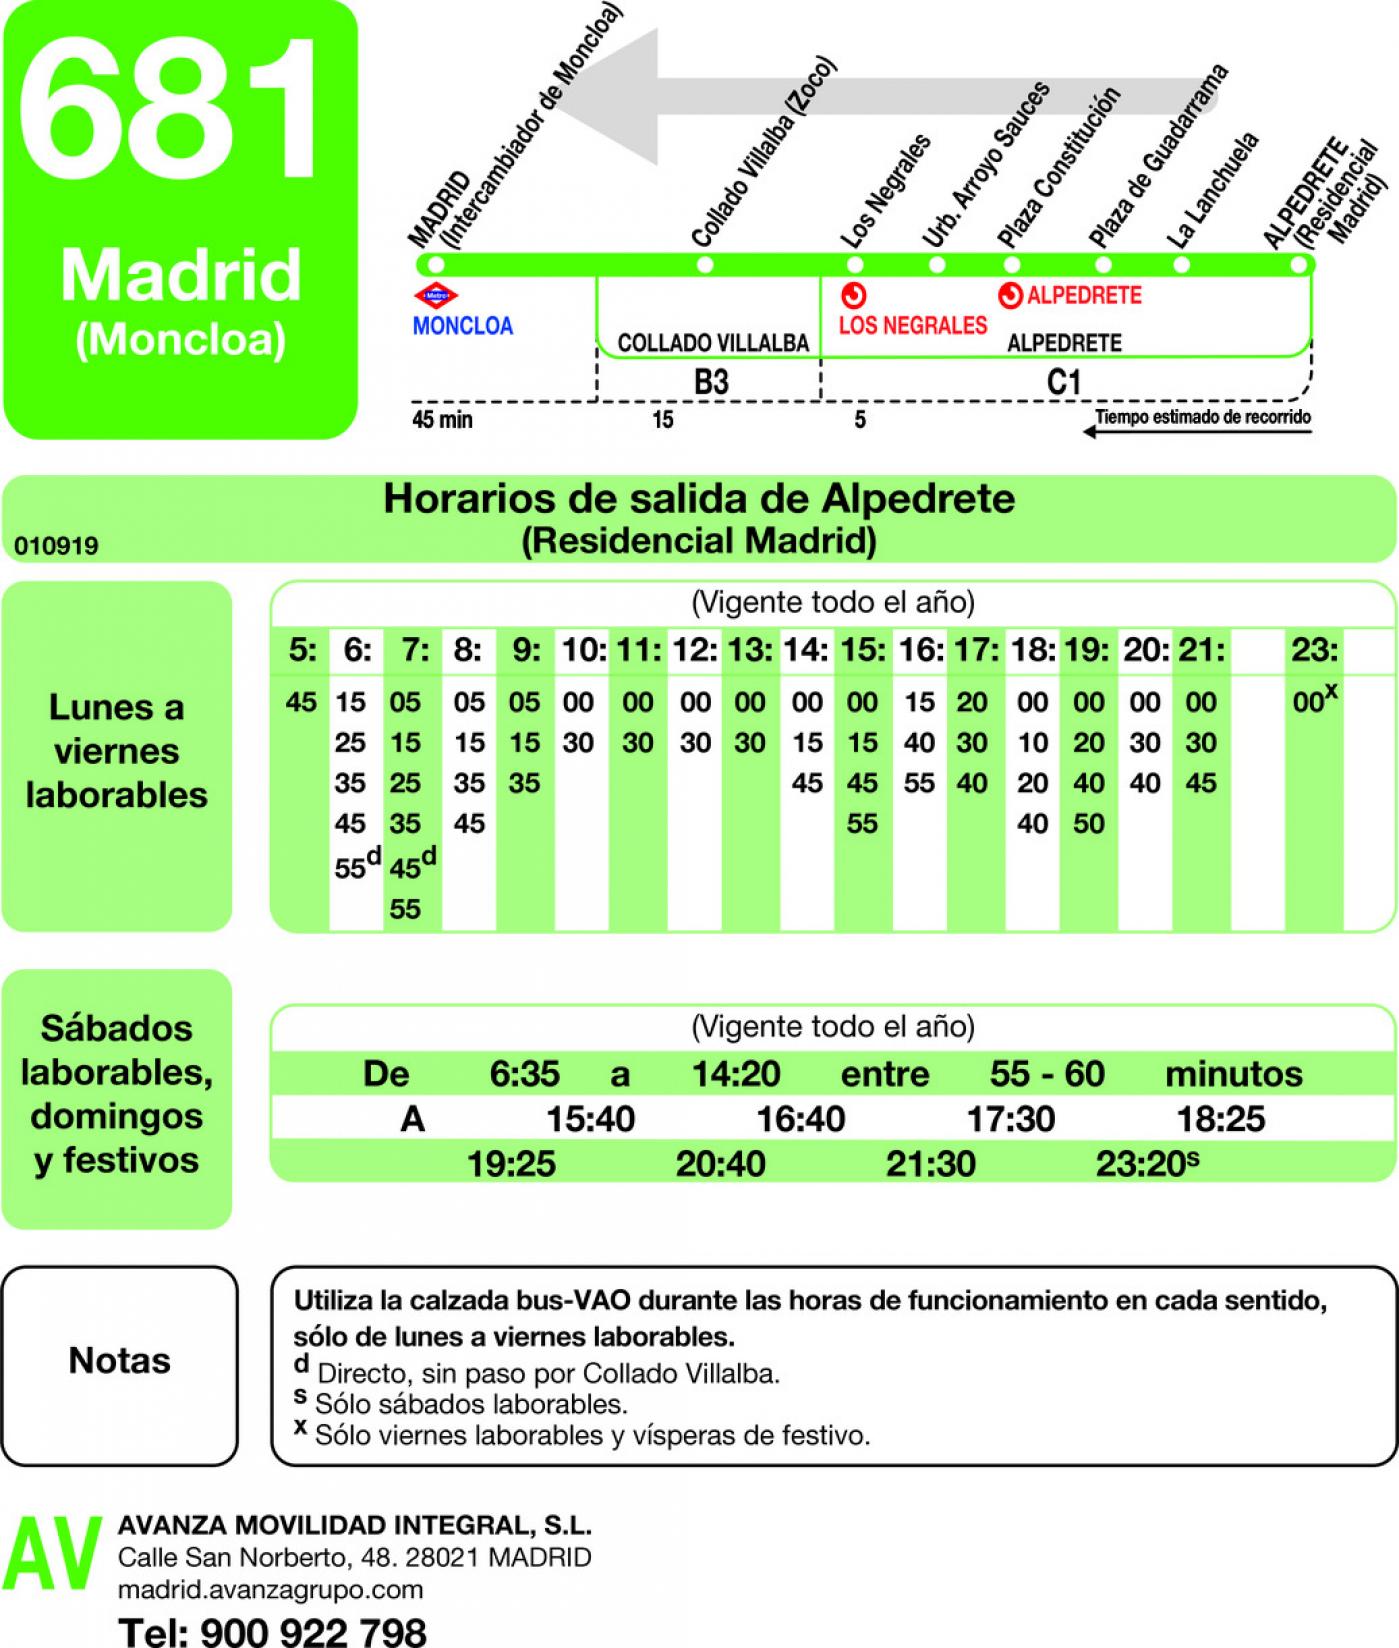 Tabla de horarios y frecuencias de paso en sentido vuelta Línea 681: Madrid (Moncloa) - Alpedrete